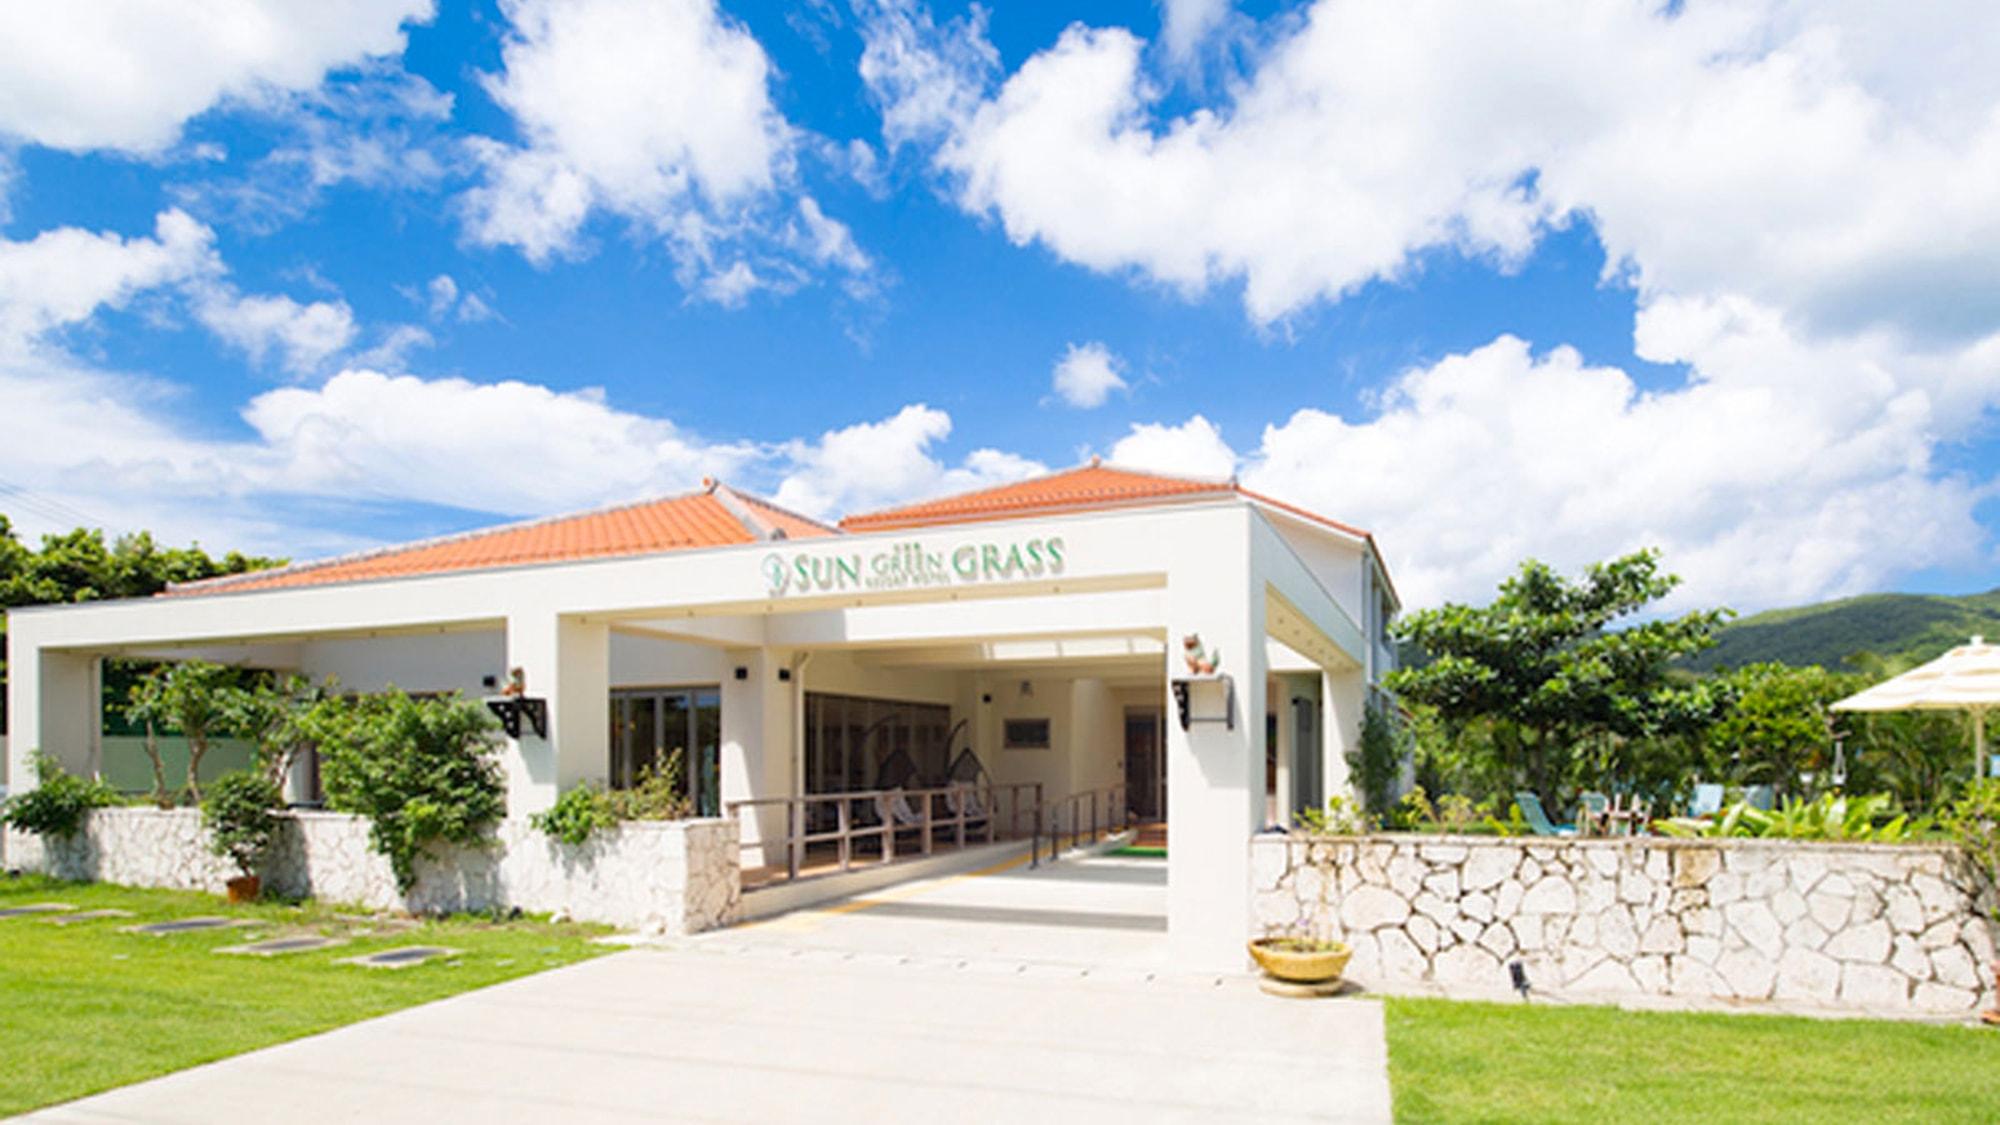 石垣島サン・グリーングラス リゾートホテル <石垣島>